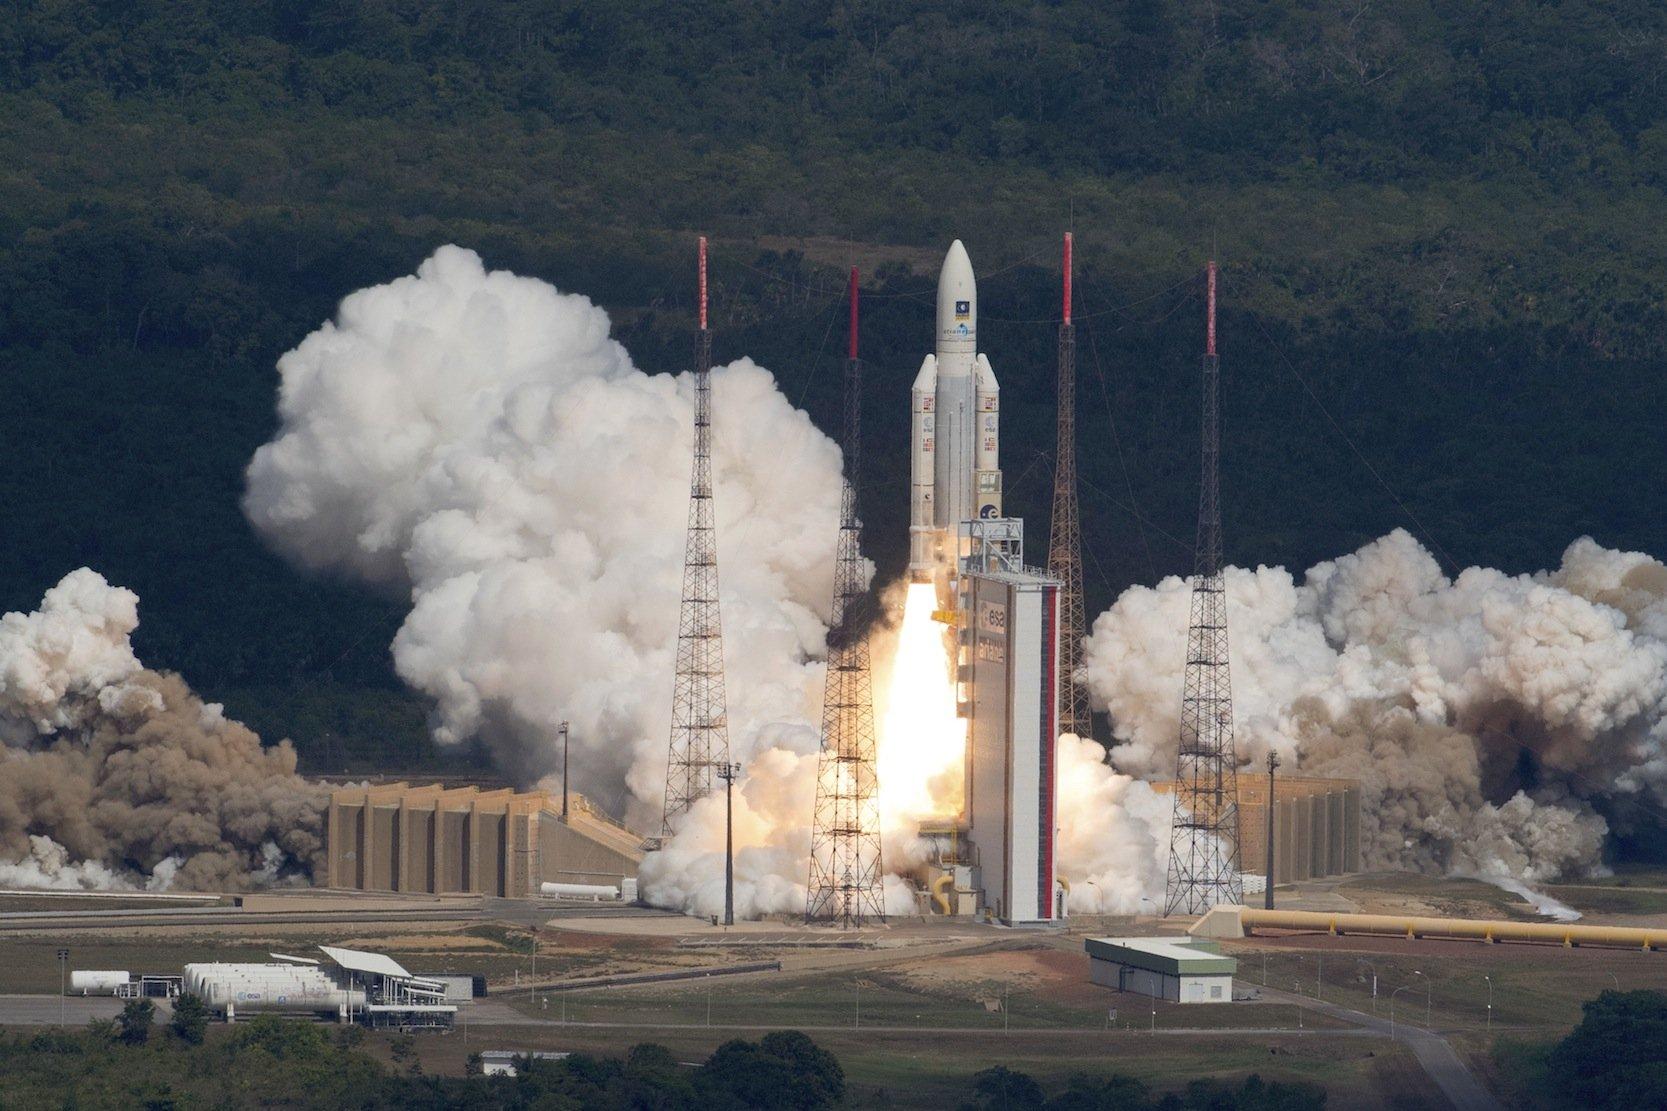 Start der Ariane 5 am 17. November 2016 in Kourouauf Französisch Guyana: Es waren die ersten vier Galileo-Satelliten, die mit einer Ariane-Rakete ins All gebracht wurden. Zuvor hatten die russische Trägerrakete Sojus 14 Satelliten in ihre Umlaufbahn geflogen.